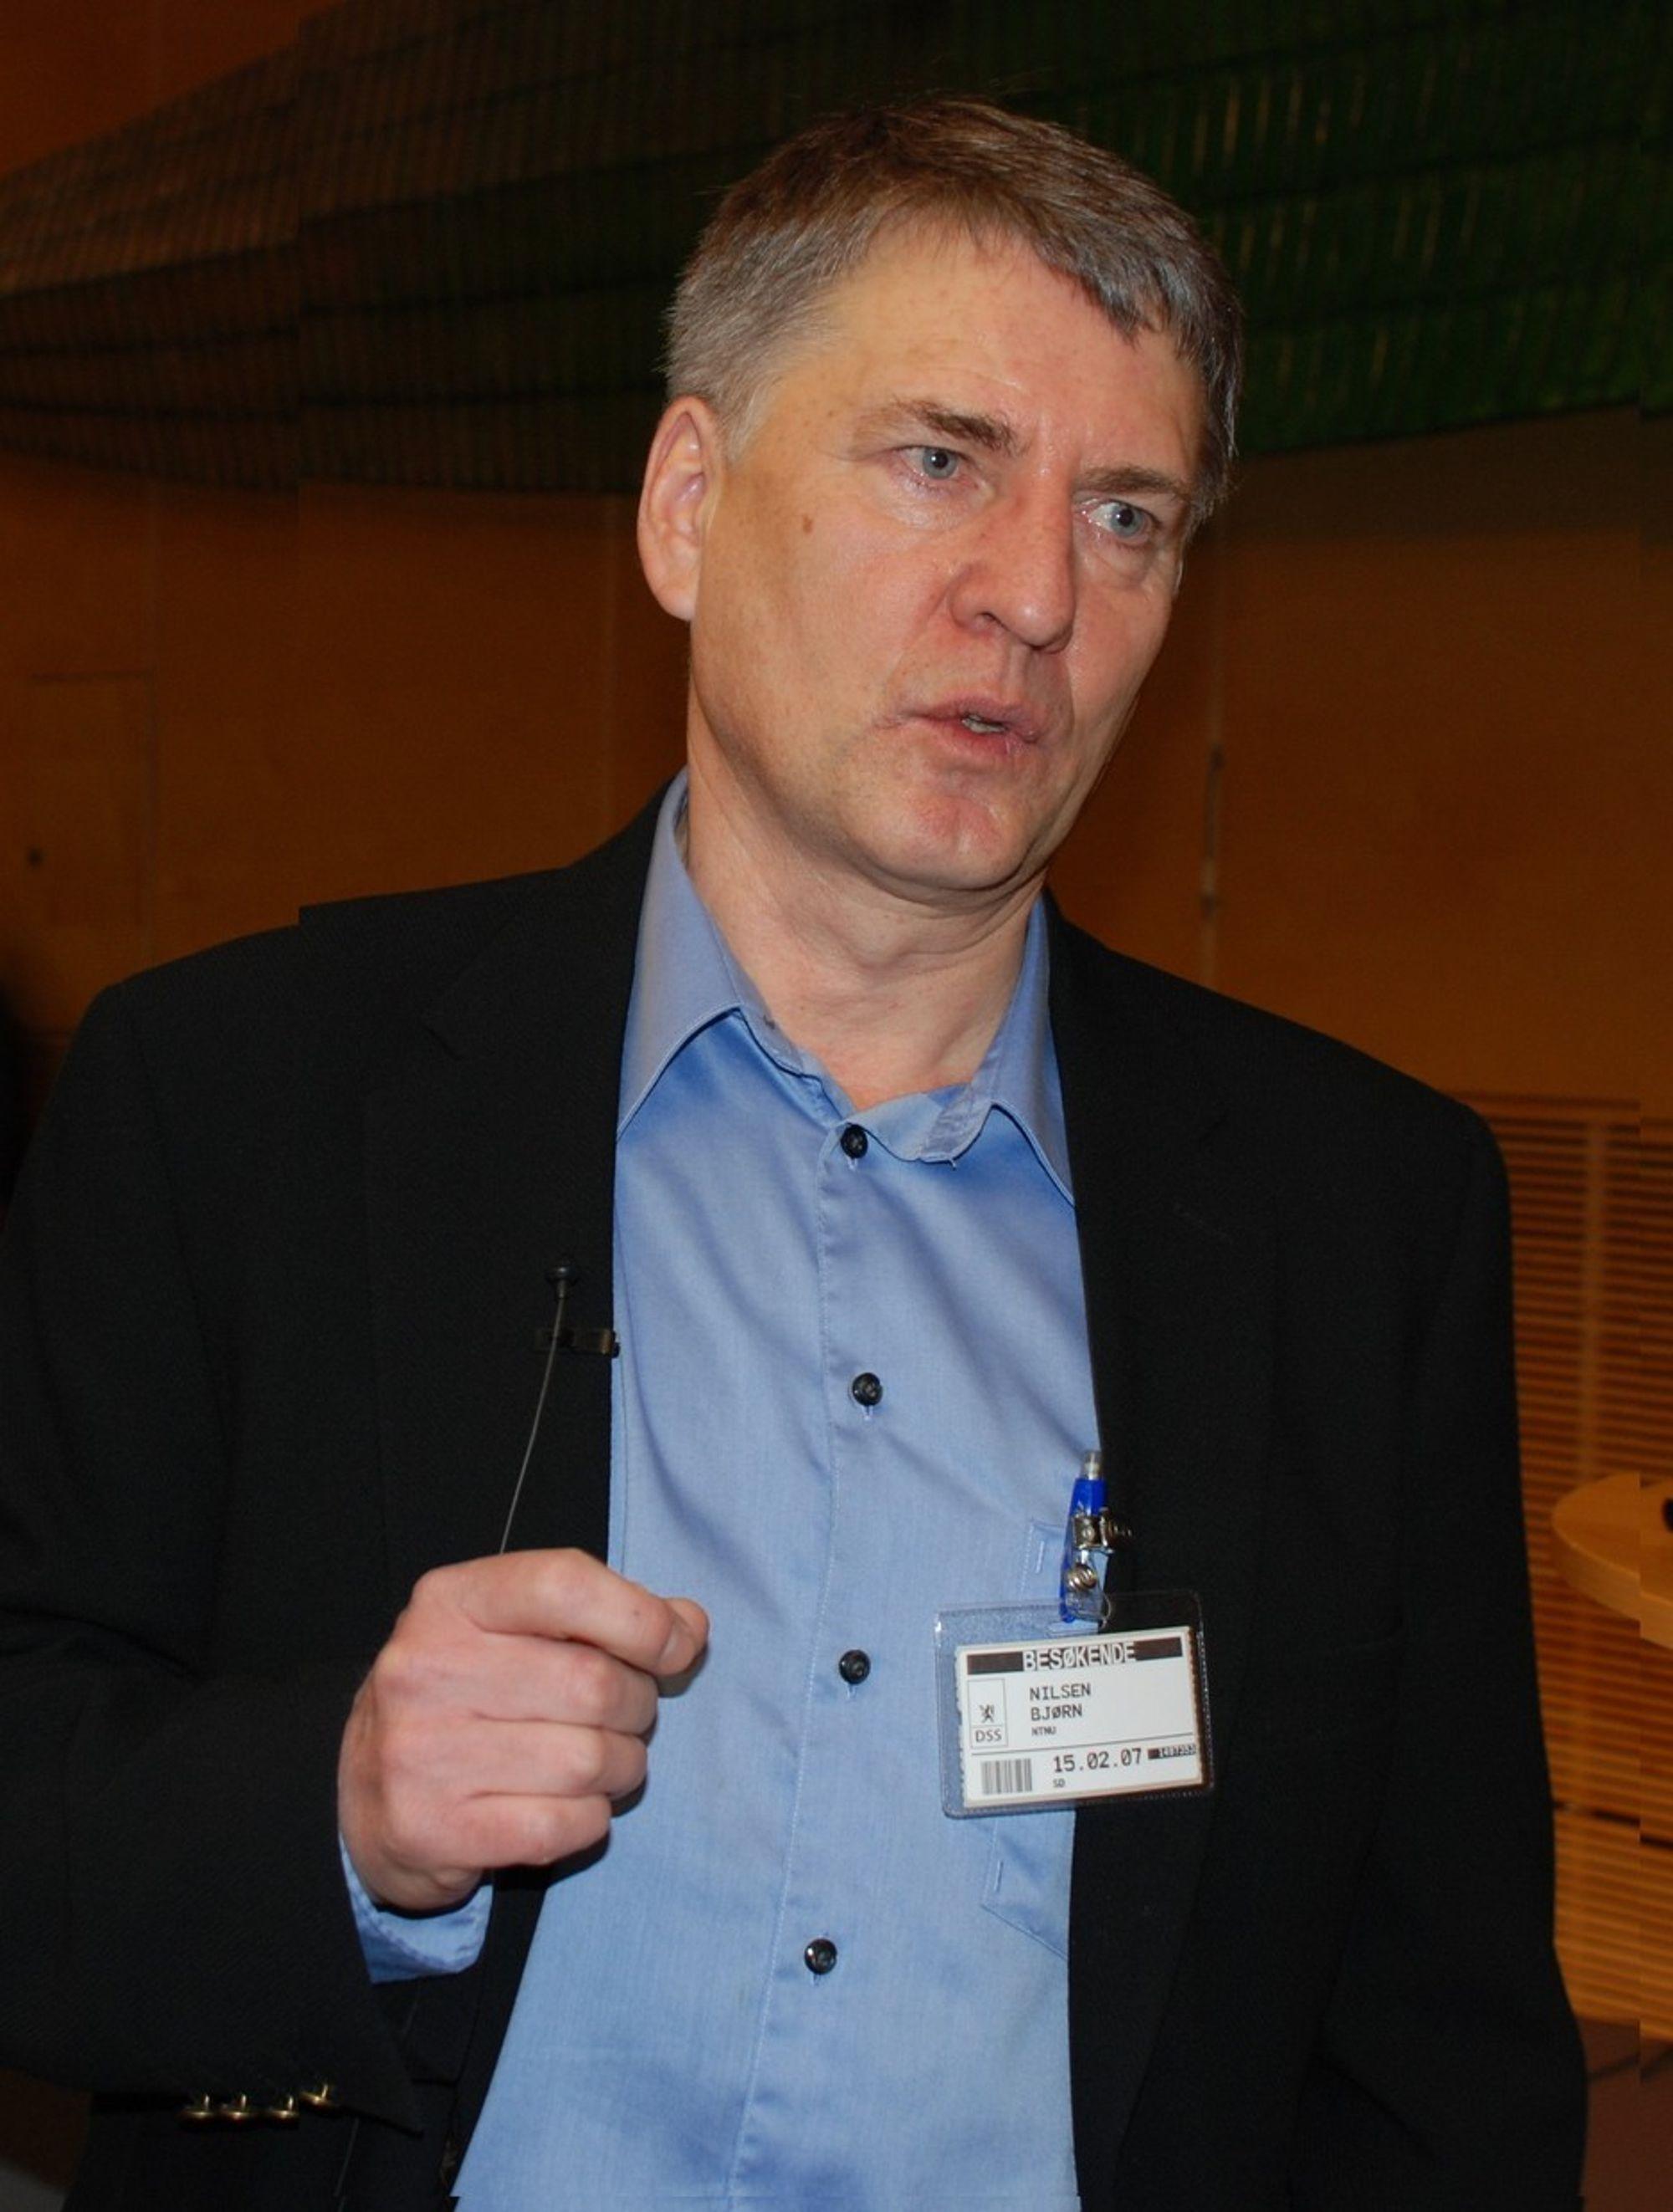 FOR TRANGT: - Det er for vanskelig å gjennomføre inspeksjon i mange tunneler, mener professor Bjørn Nilsen  ved NTNU som har ledet arbeidet med å gjennomgå raset i Hanekleivtunnelen.